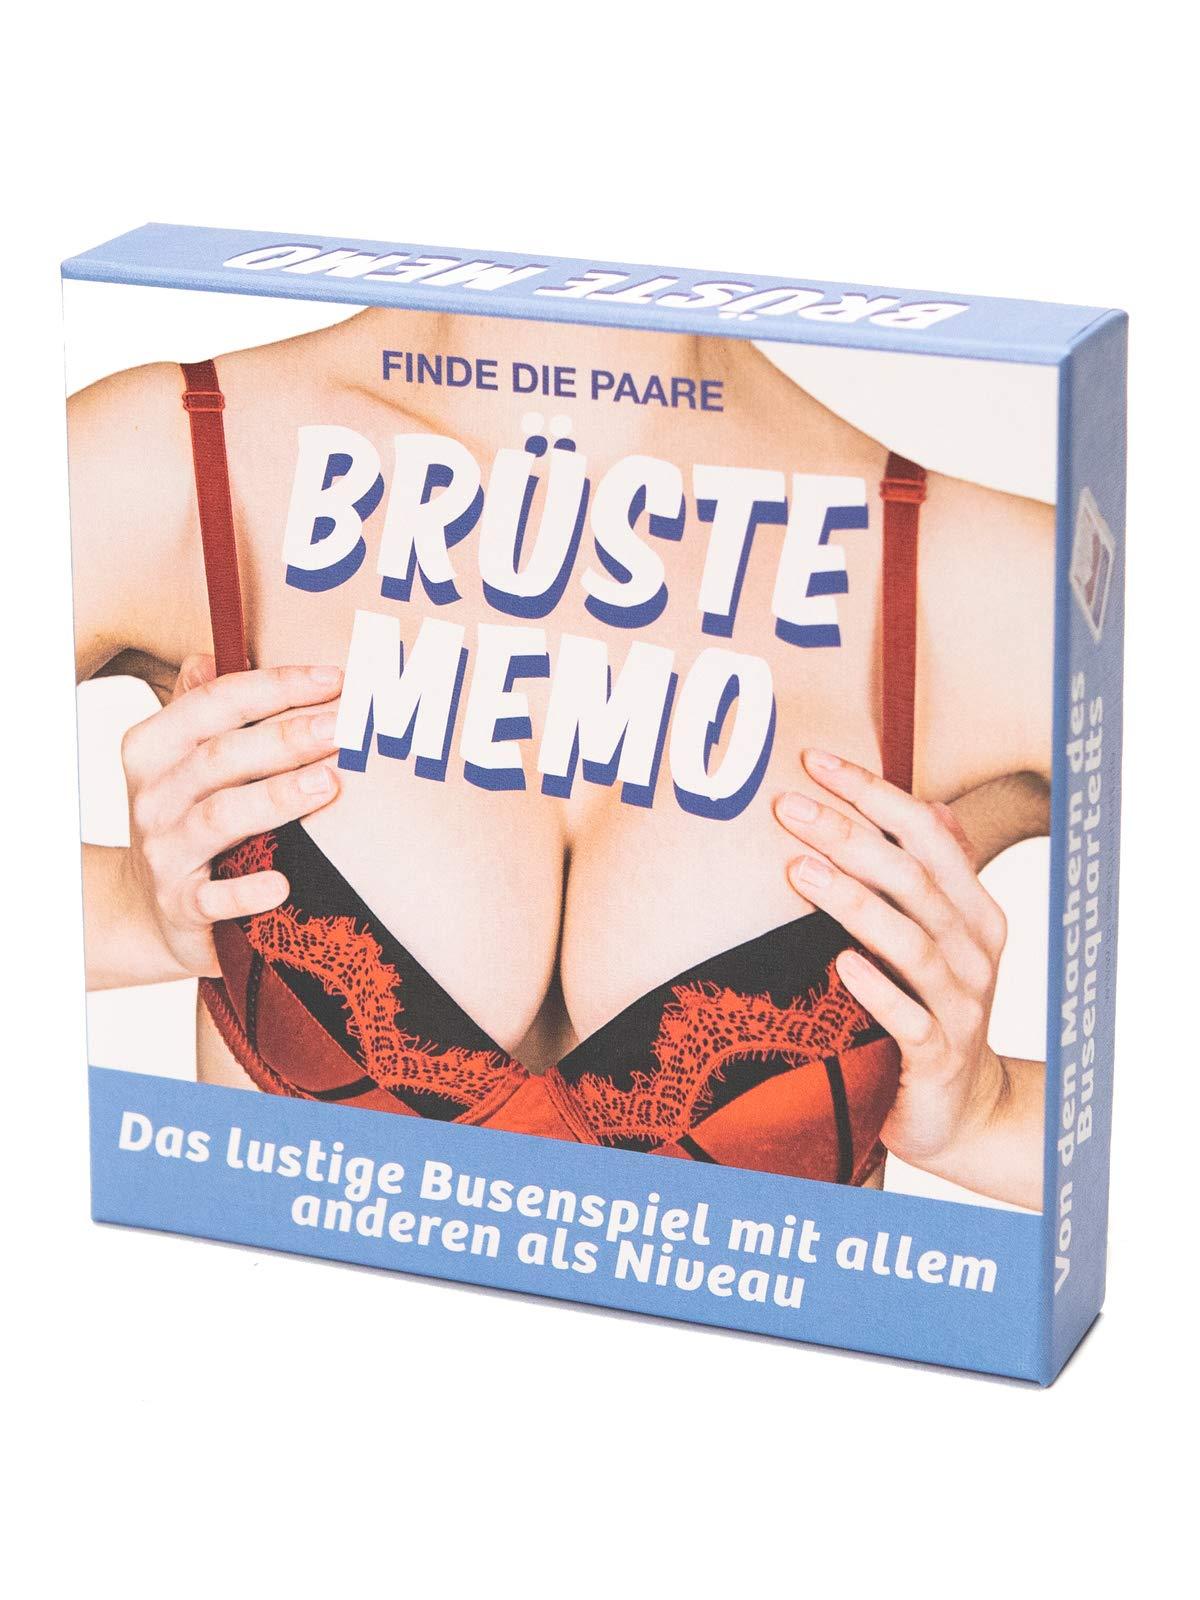 BRSTE-MEMO-In-diesem-Trinkspiel-warten-die-Paare-darauf-entdeckt-zu-werden-Scherzartikel